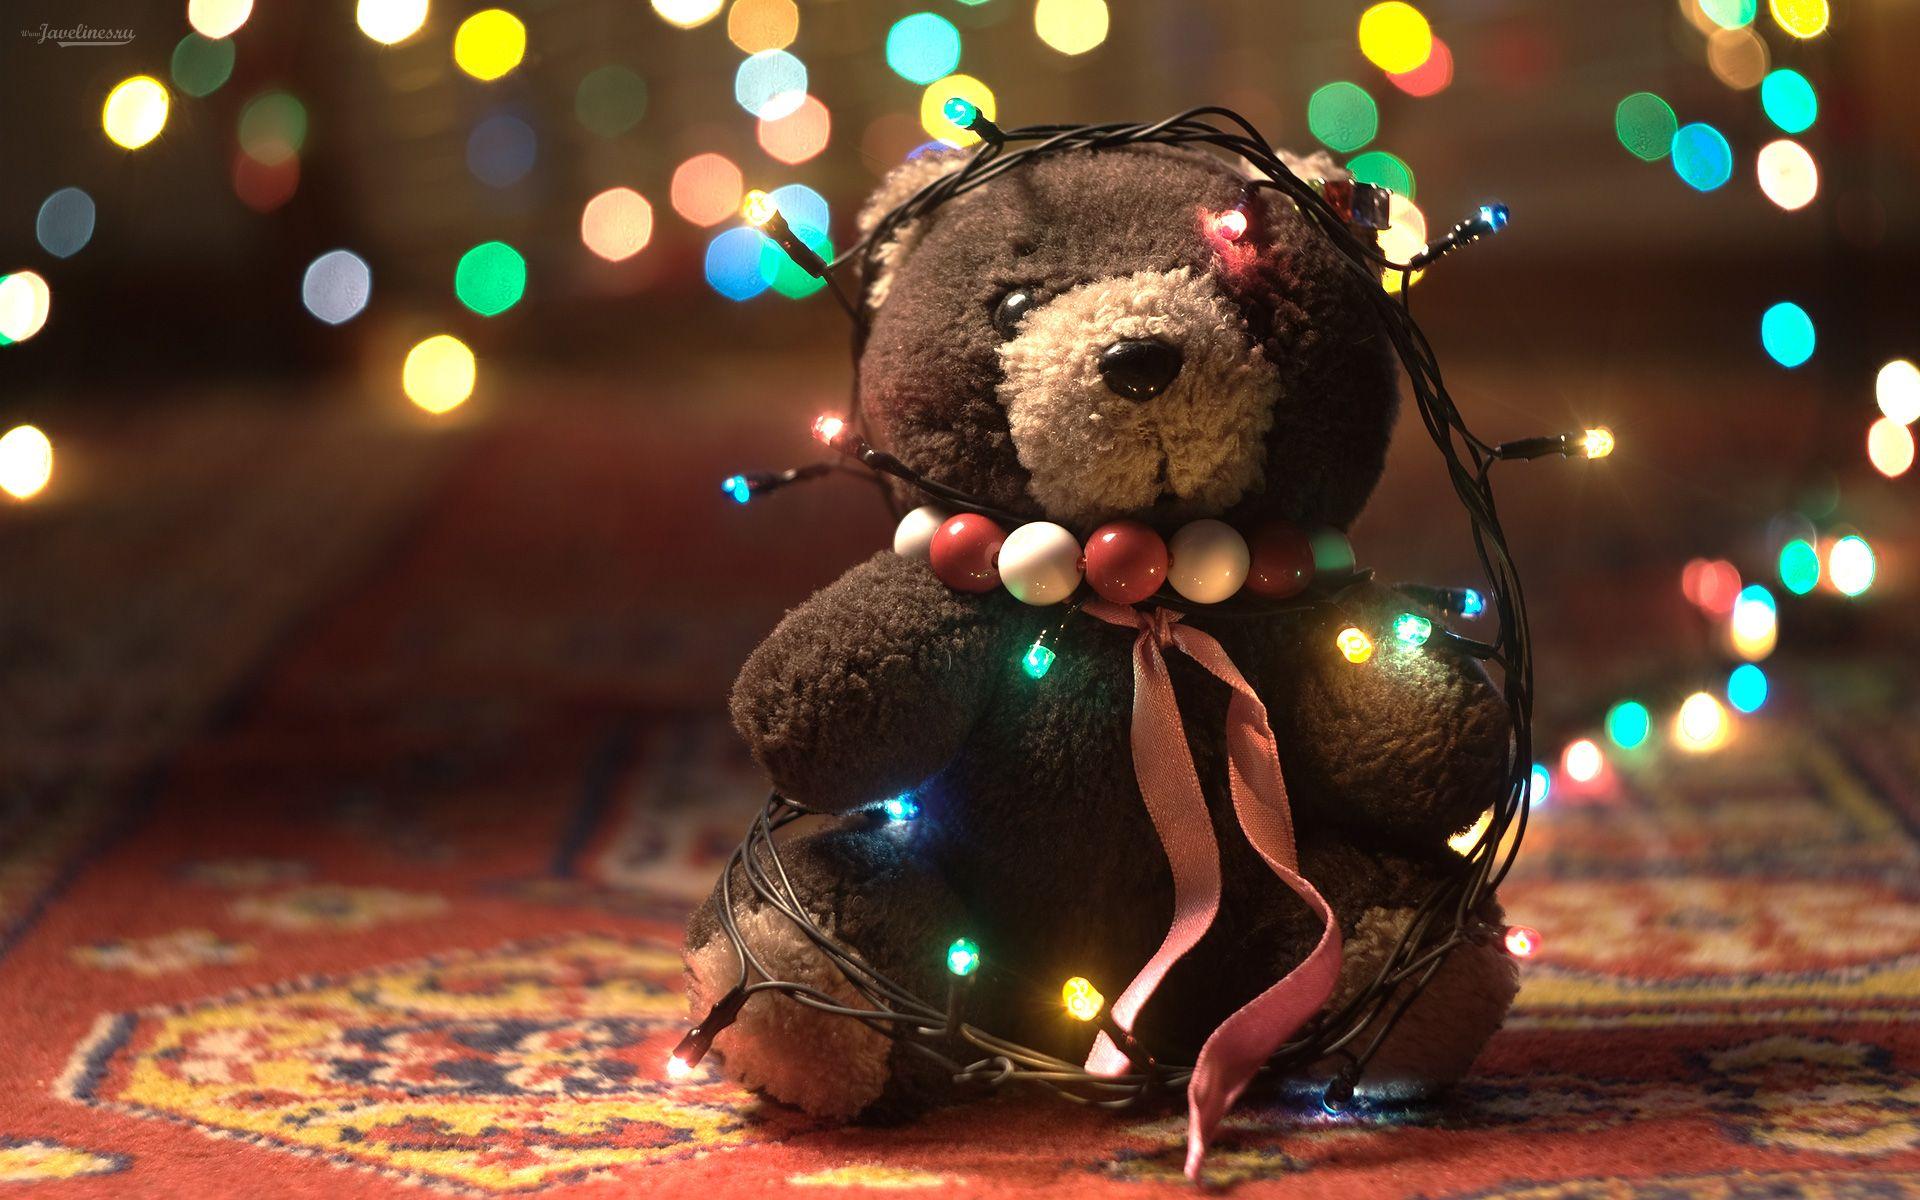 Osito y luces de navidad - 1920x1200